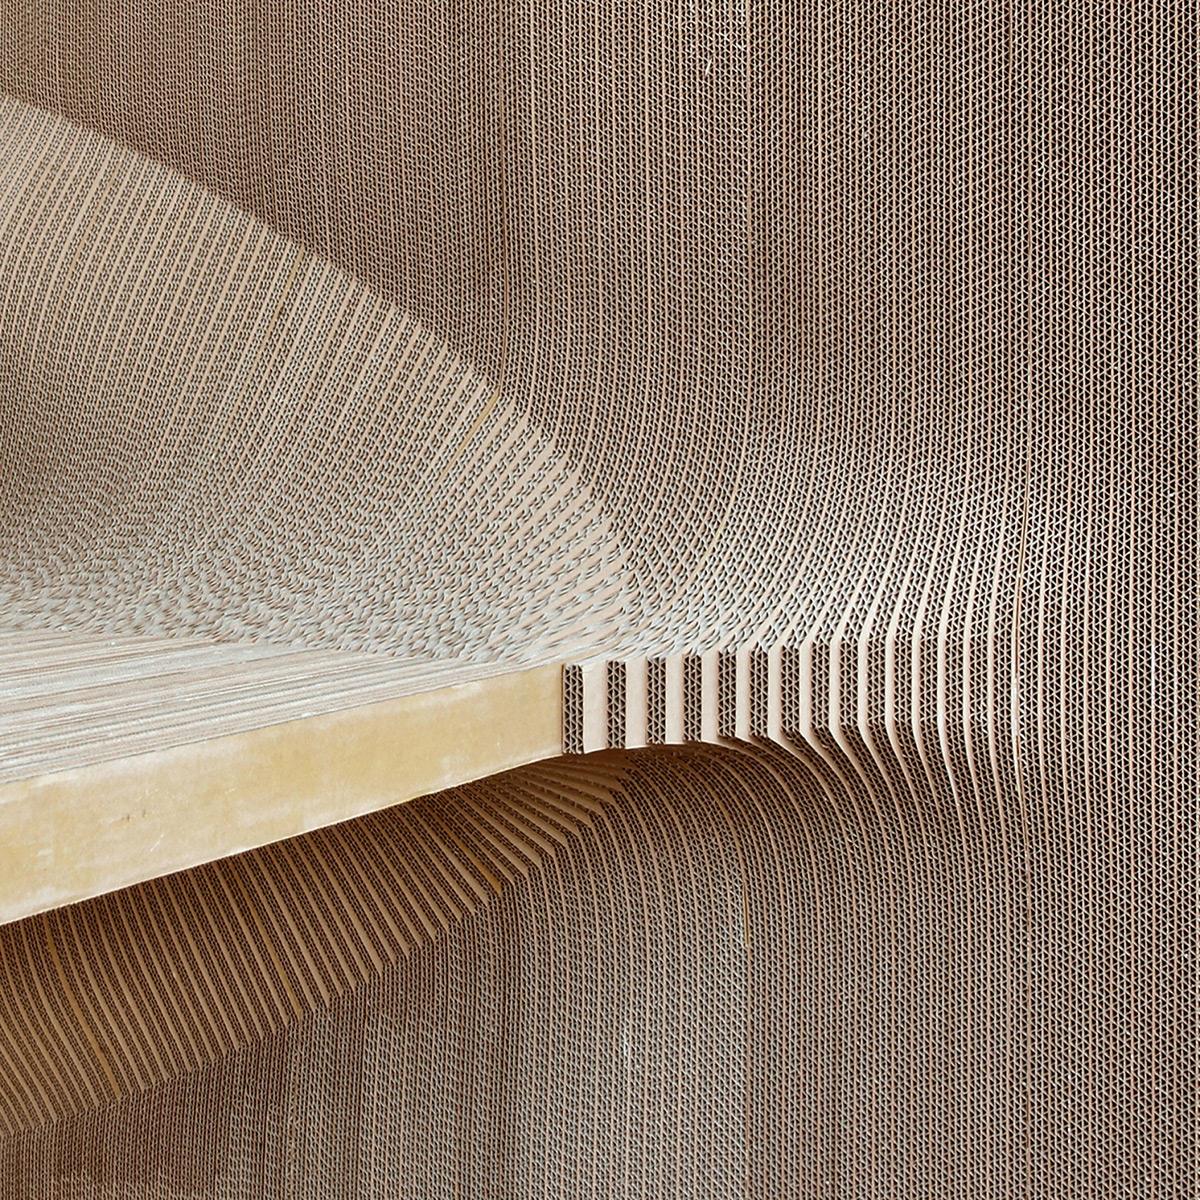 cardboard-nudes-Mrigank-Sharma-05